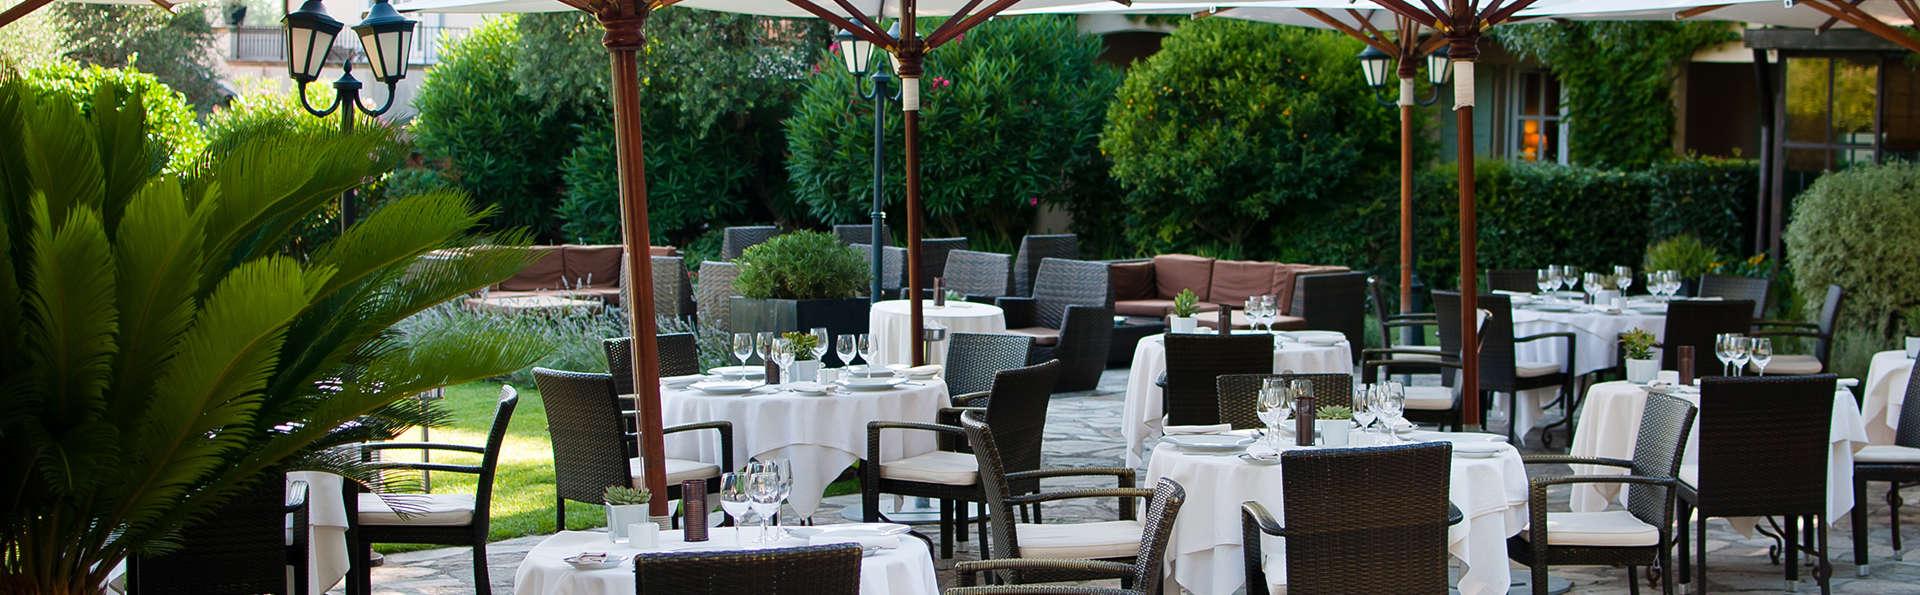 Week-end avec dîner près de Cassis